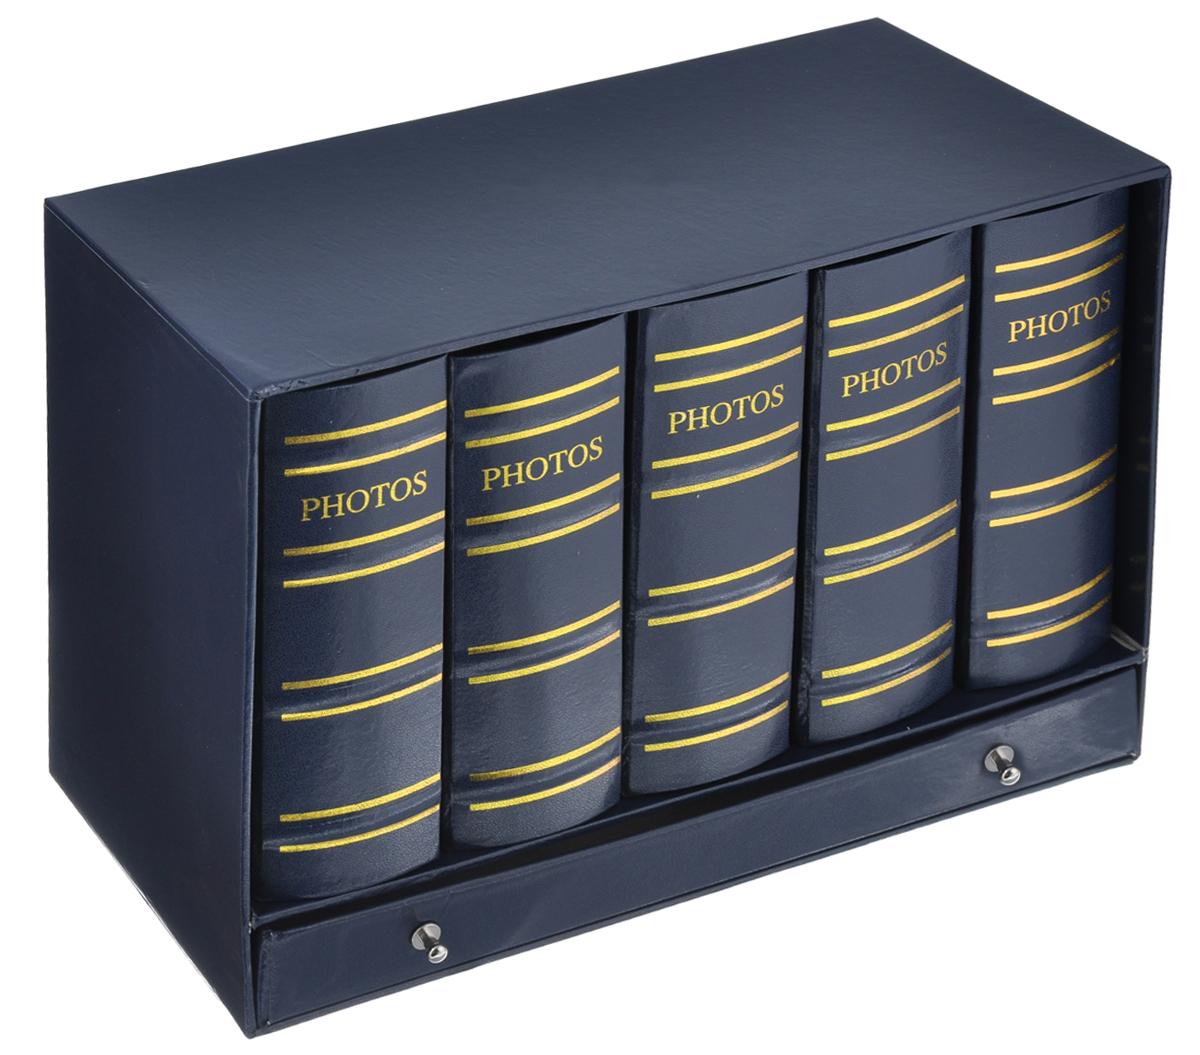 Набор фотоальбомов Image Art Библиотека, 100 фотографий, 10 х 15 см, 5 штArt -500Набор Image Art Библиотека, состоящий из пяти фотоальбомов, поможет красиво оформить ваши фотографии. Обложки фотоальбомов выполнены из толстого картона, обтянутого искусственной кожей. Внутри содержится блок из 50 листов с фиксаторами-окошками из ПВХ. Каждый альбом рассчитан на 100 фотографий формата 10 см х 15 см. Альбомы вставляются в подарочную коробку, оснащенную ящиком для хранения различных мелочей. Нам всегда так приятно вспоминать о самых счастливых моментах жизни, запечатленных на фотографиях. Поэтому фотоальбом является универсальным подарком к любому празднику. Количество альбомов: 5 шт. Количество листов в одном альбоме: 50 шт. Число мест для фотографий в одном альбоме: 100 шт. Размер фотоальбома: 12,5 см х 6 см х 16,5 см.